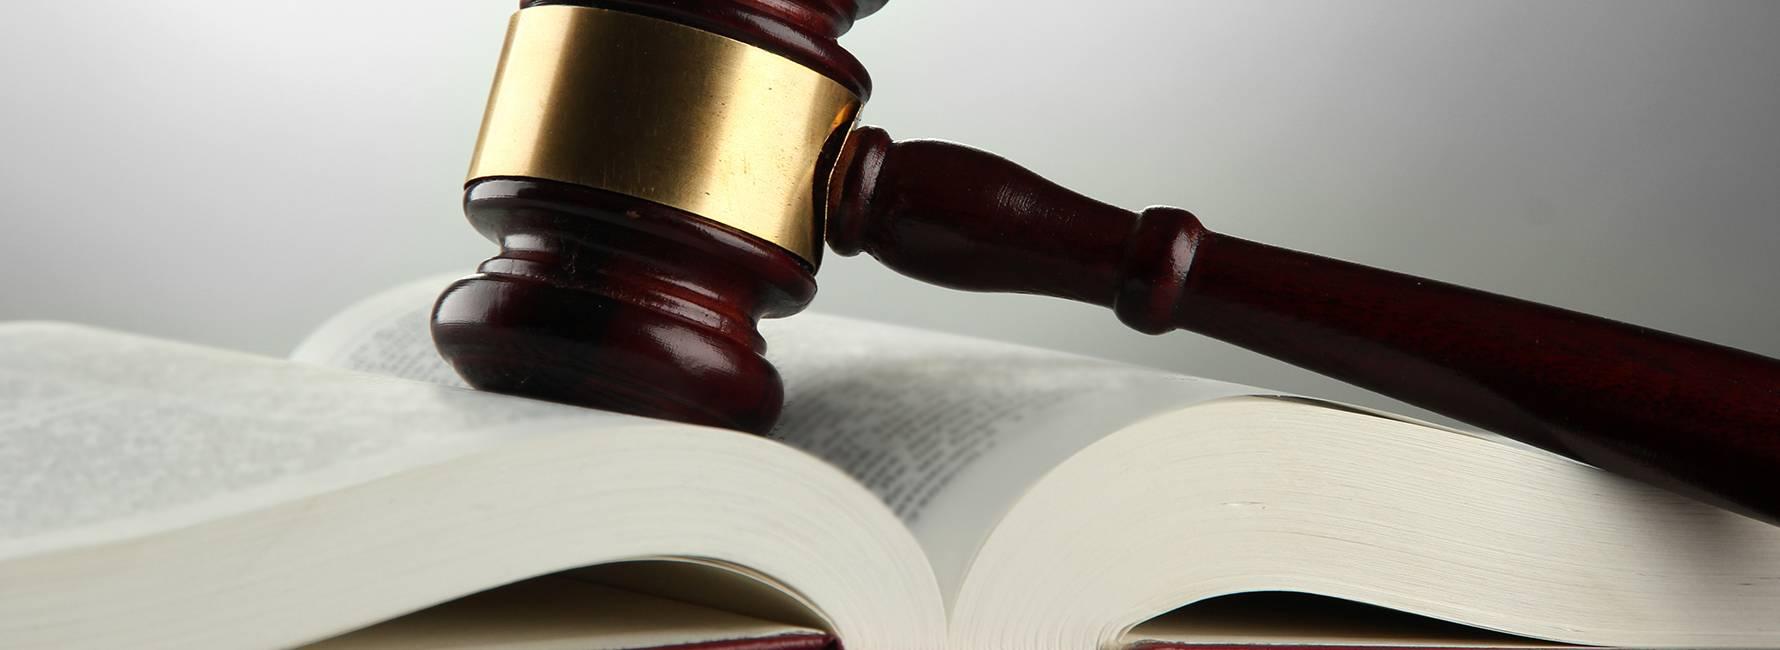 Nouveau Droit des contrats et loi de 2015 dite loi Macron